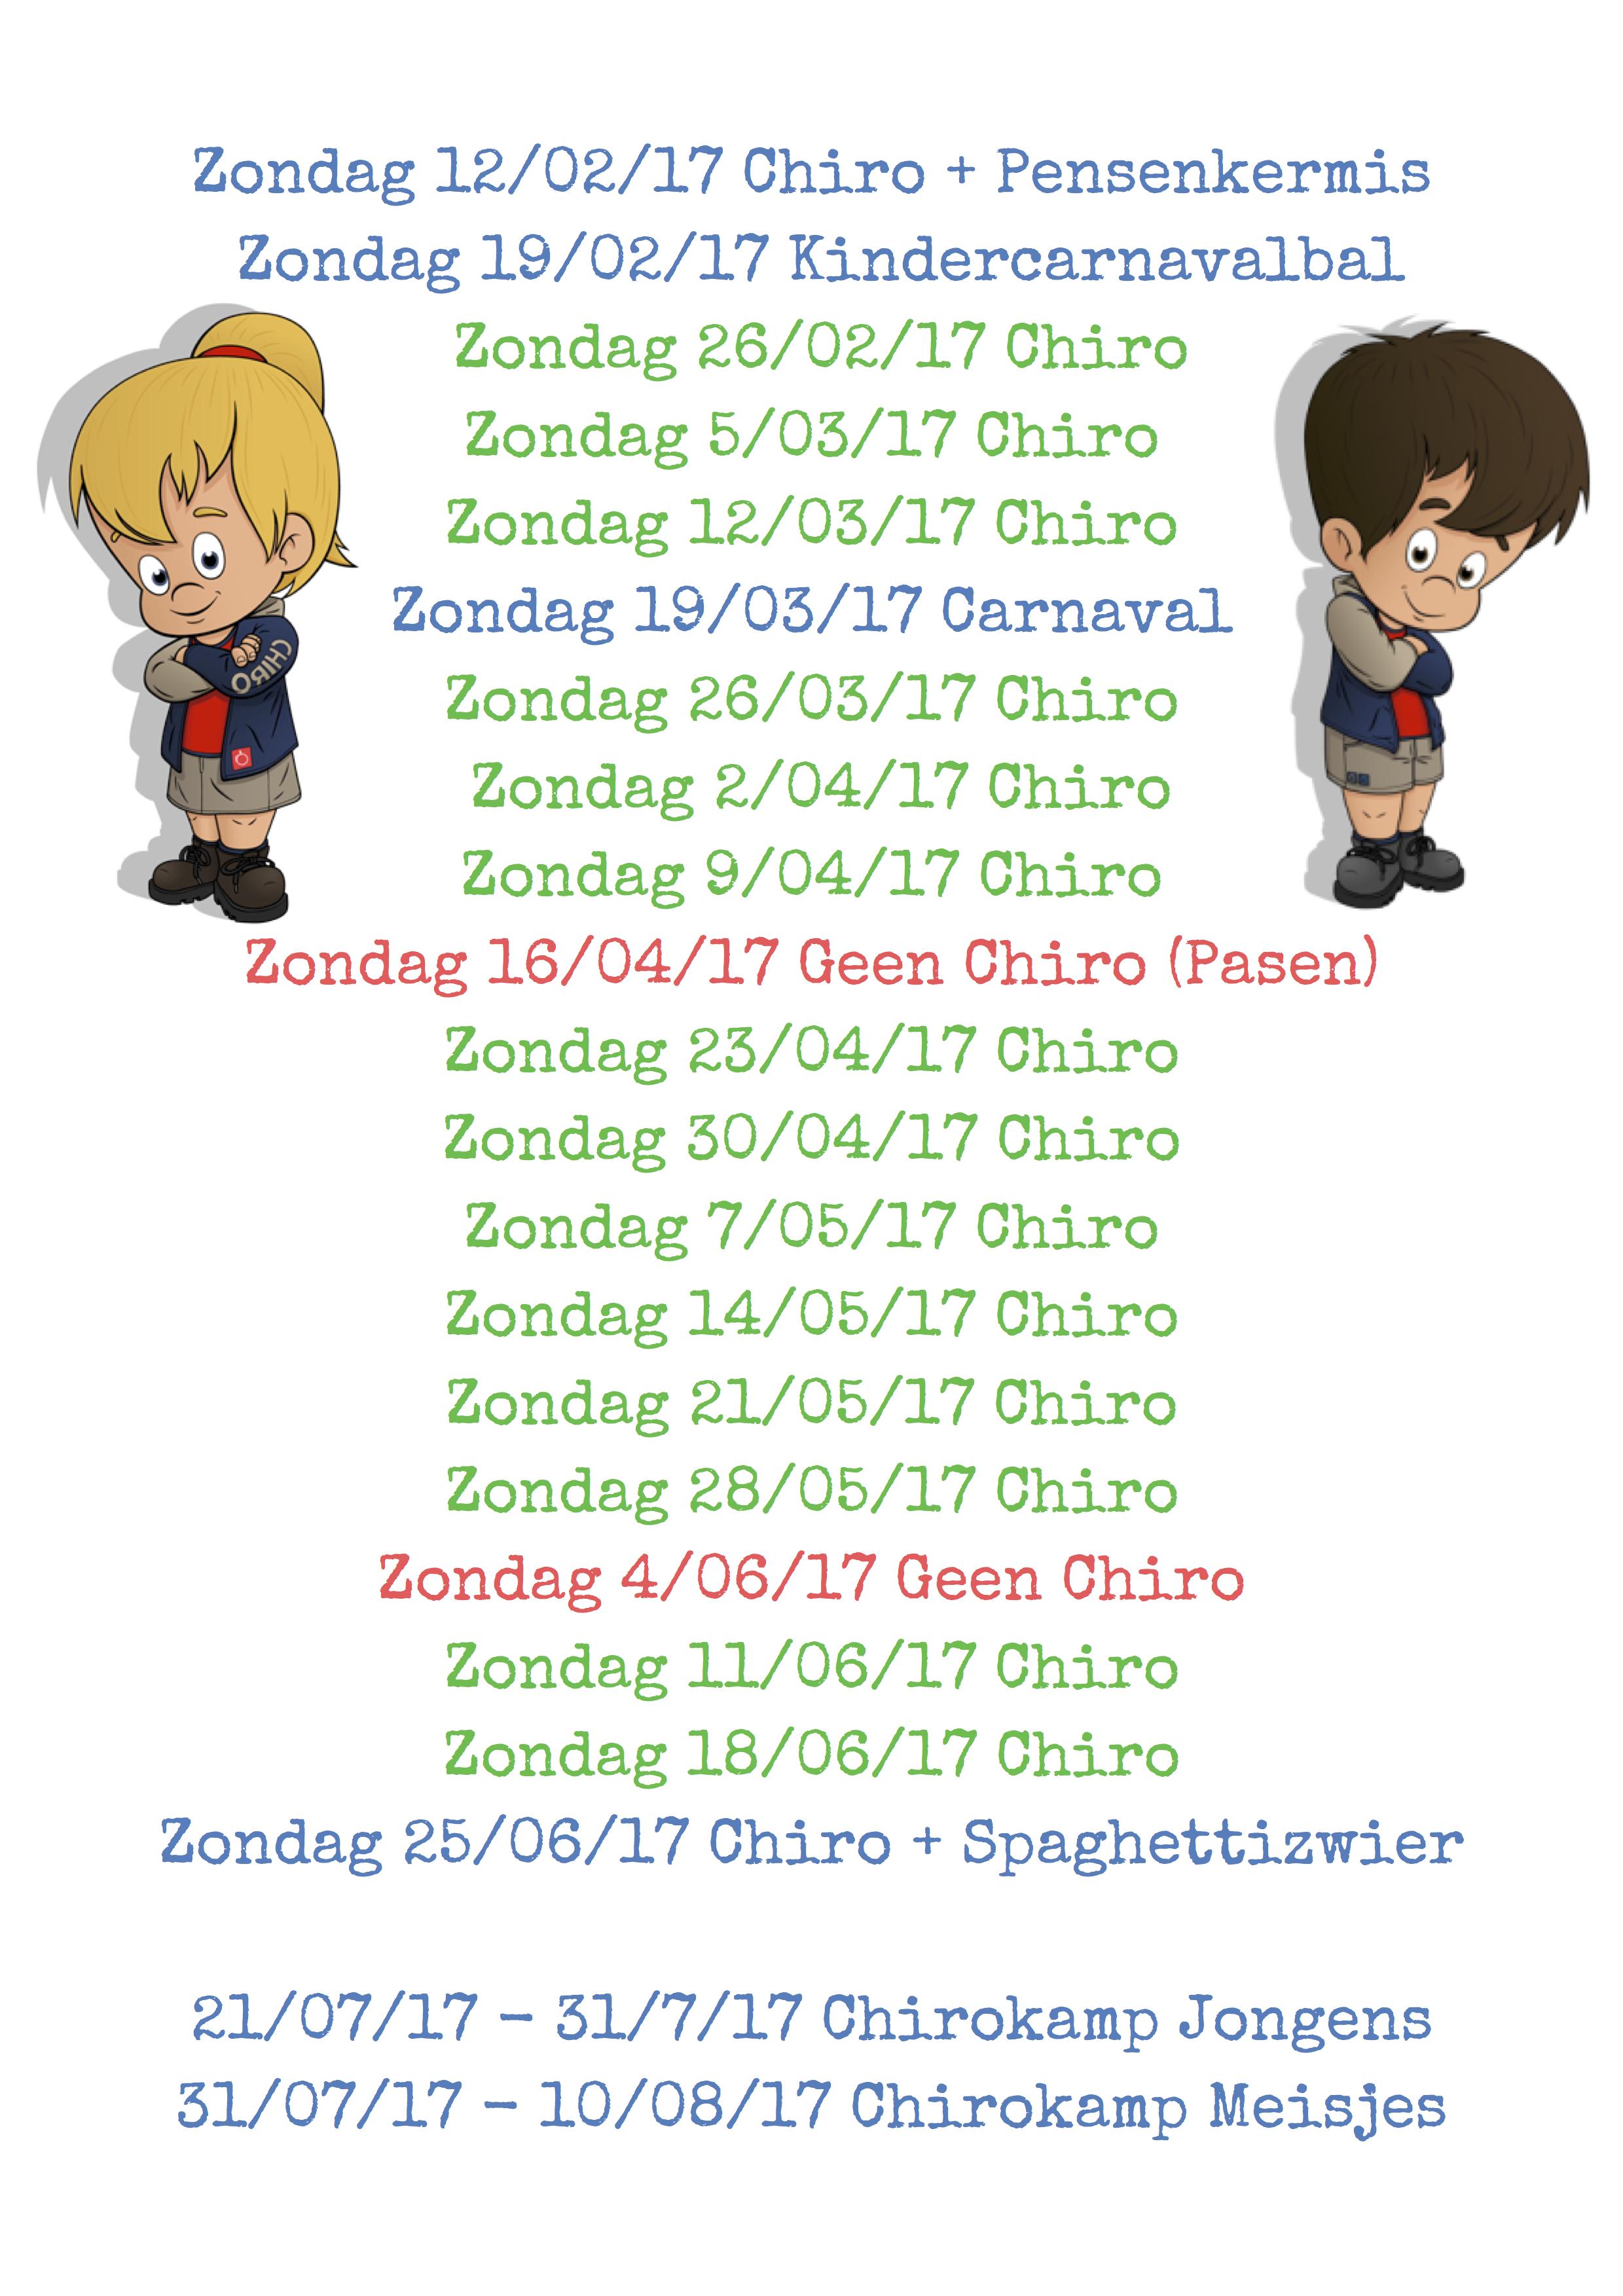 Kalender chiro (2)